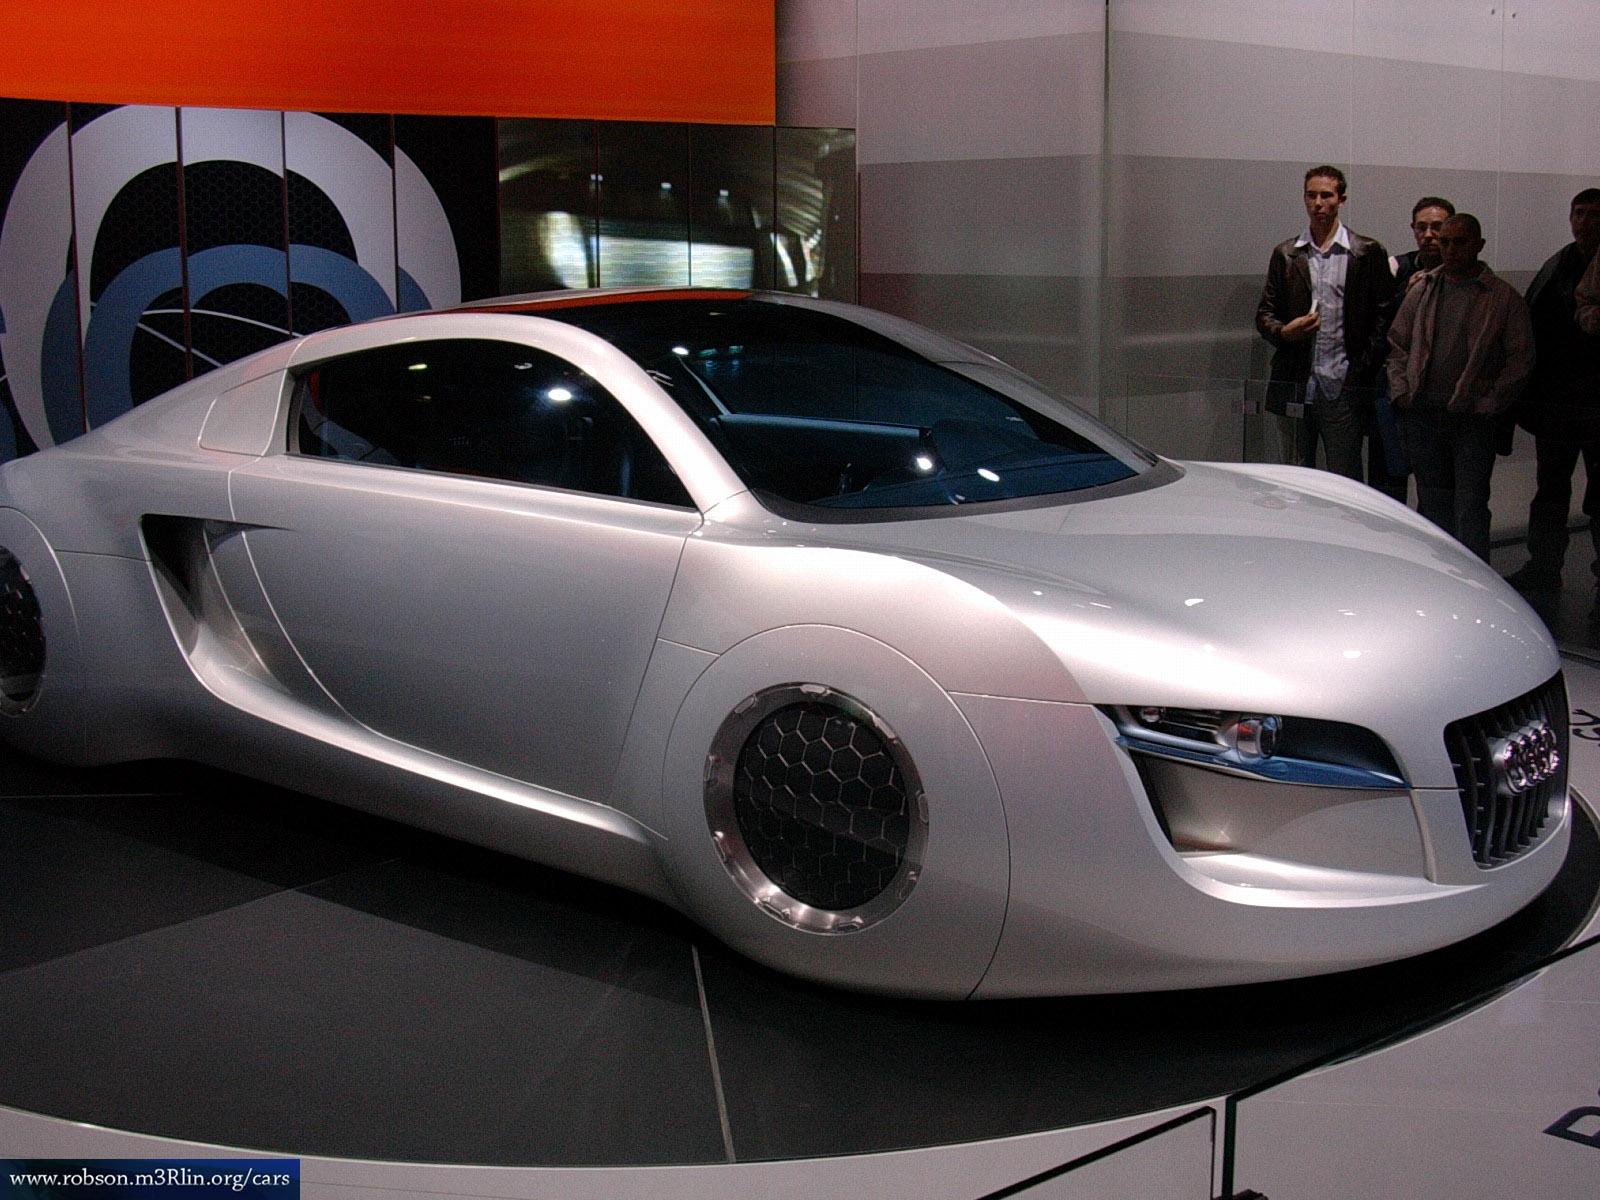 Future Audi Cars Popular Automotive - Audi car 1000cc